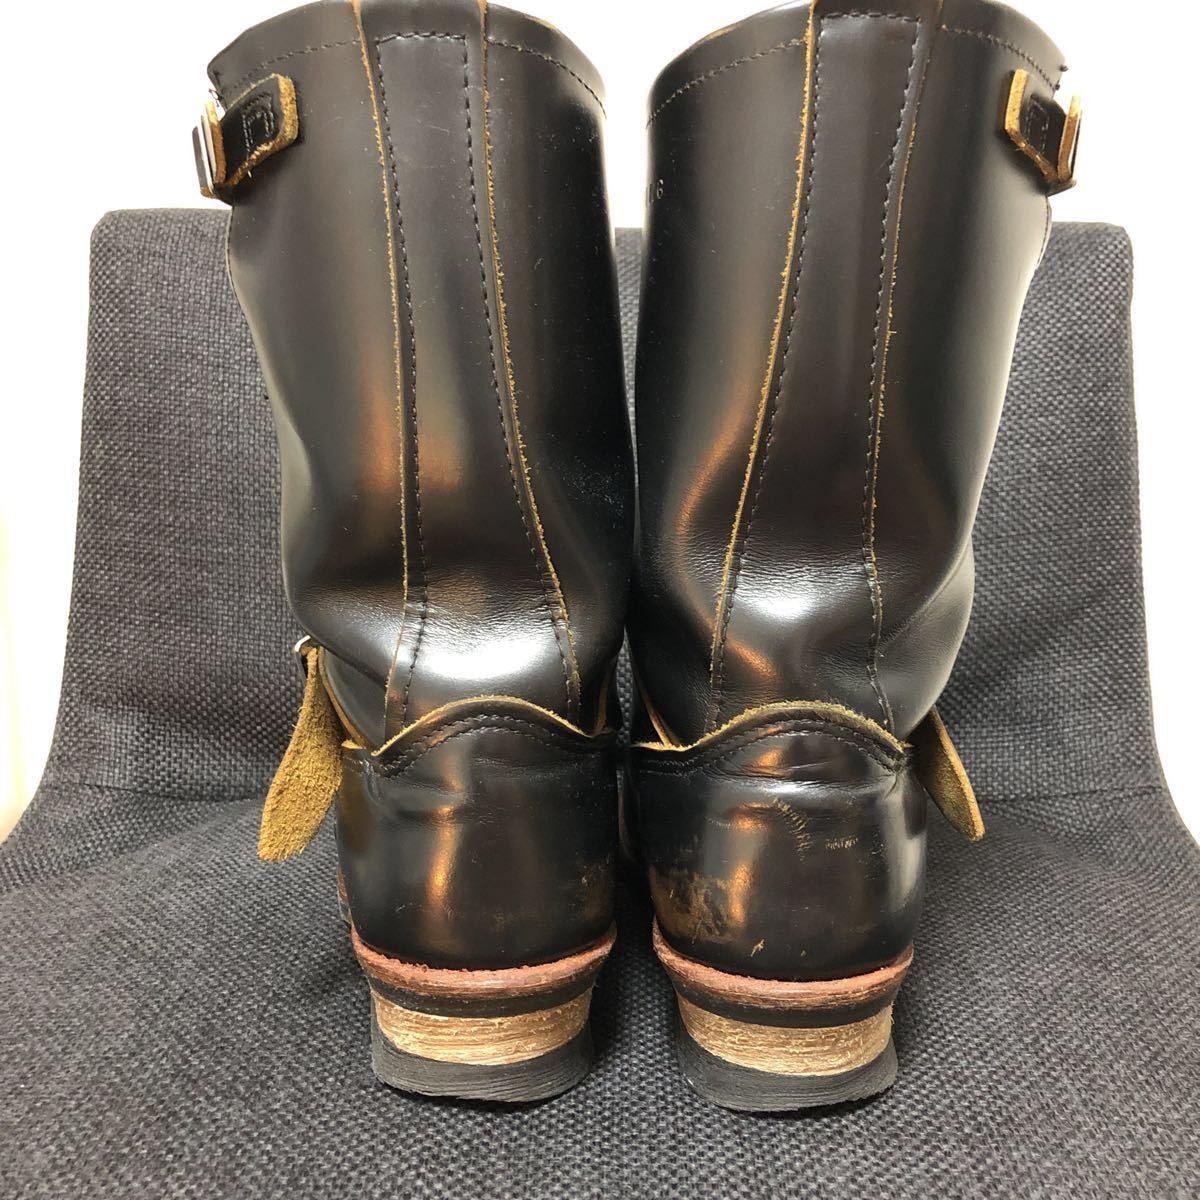 RED WING(レッドウィング) 9268 Engineer Boots(エンジニアブーツ スチールあり) ブラック・クロンダイク 茶芯_画像5